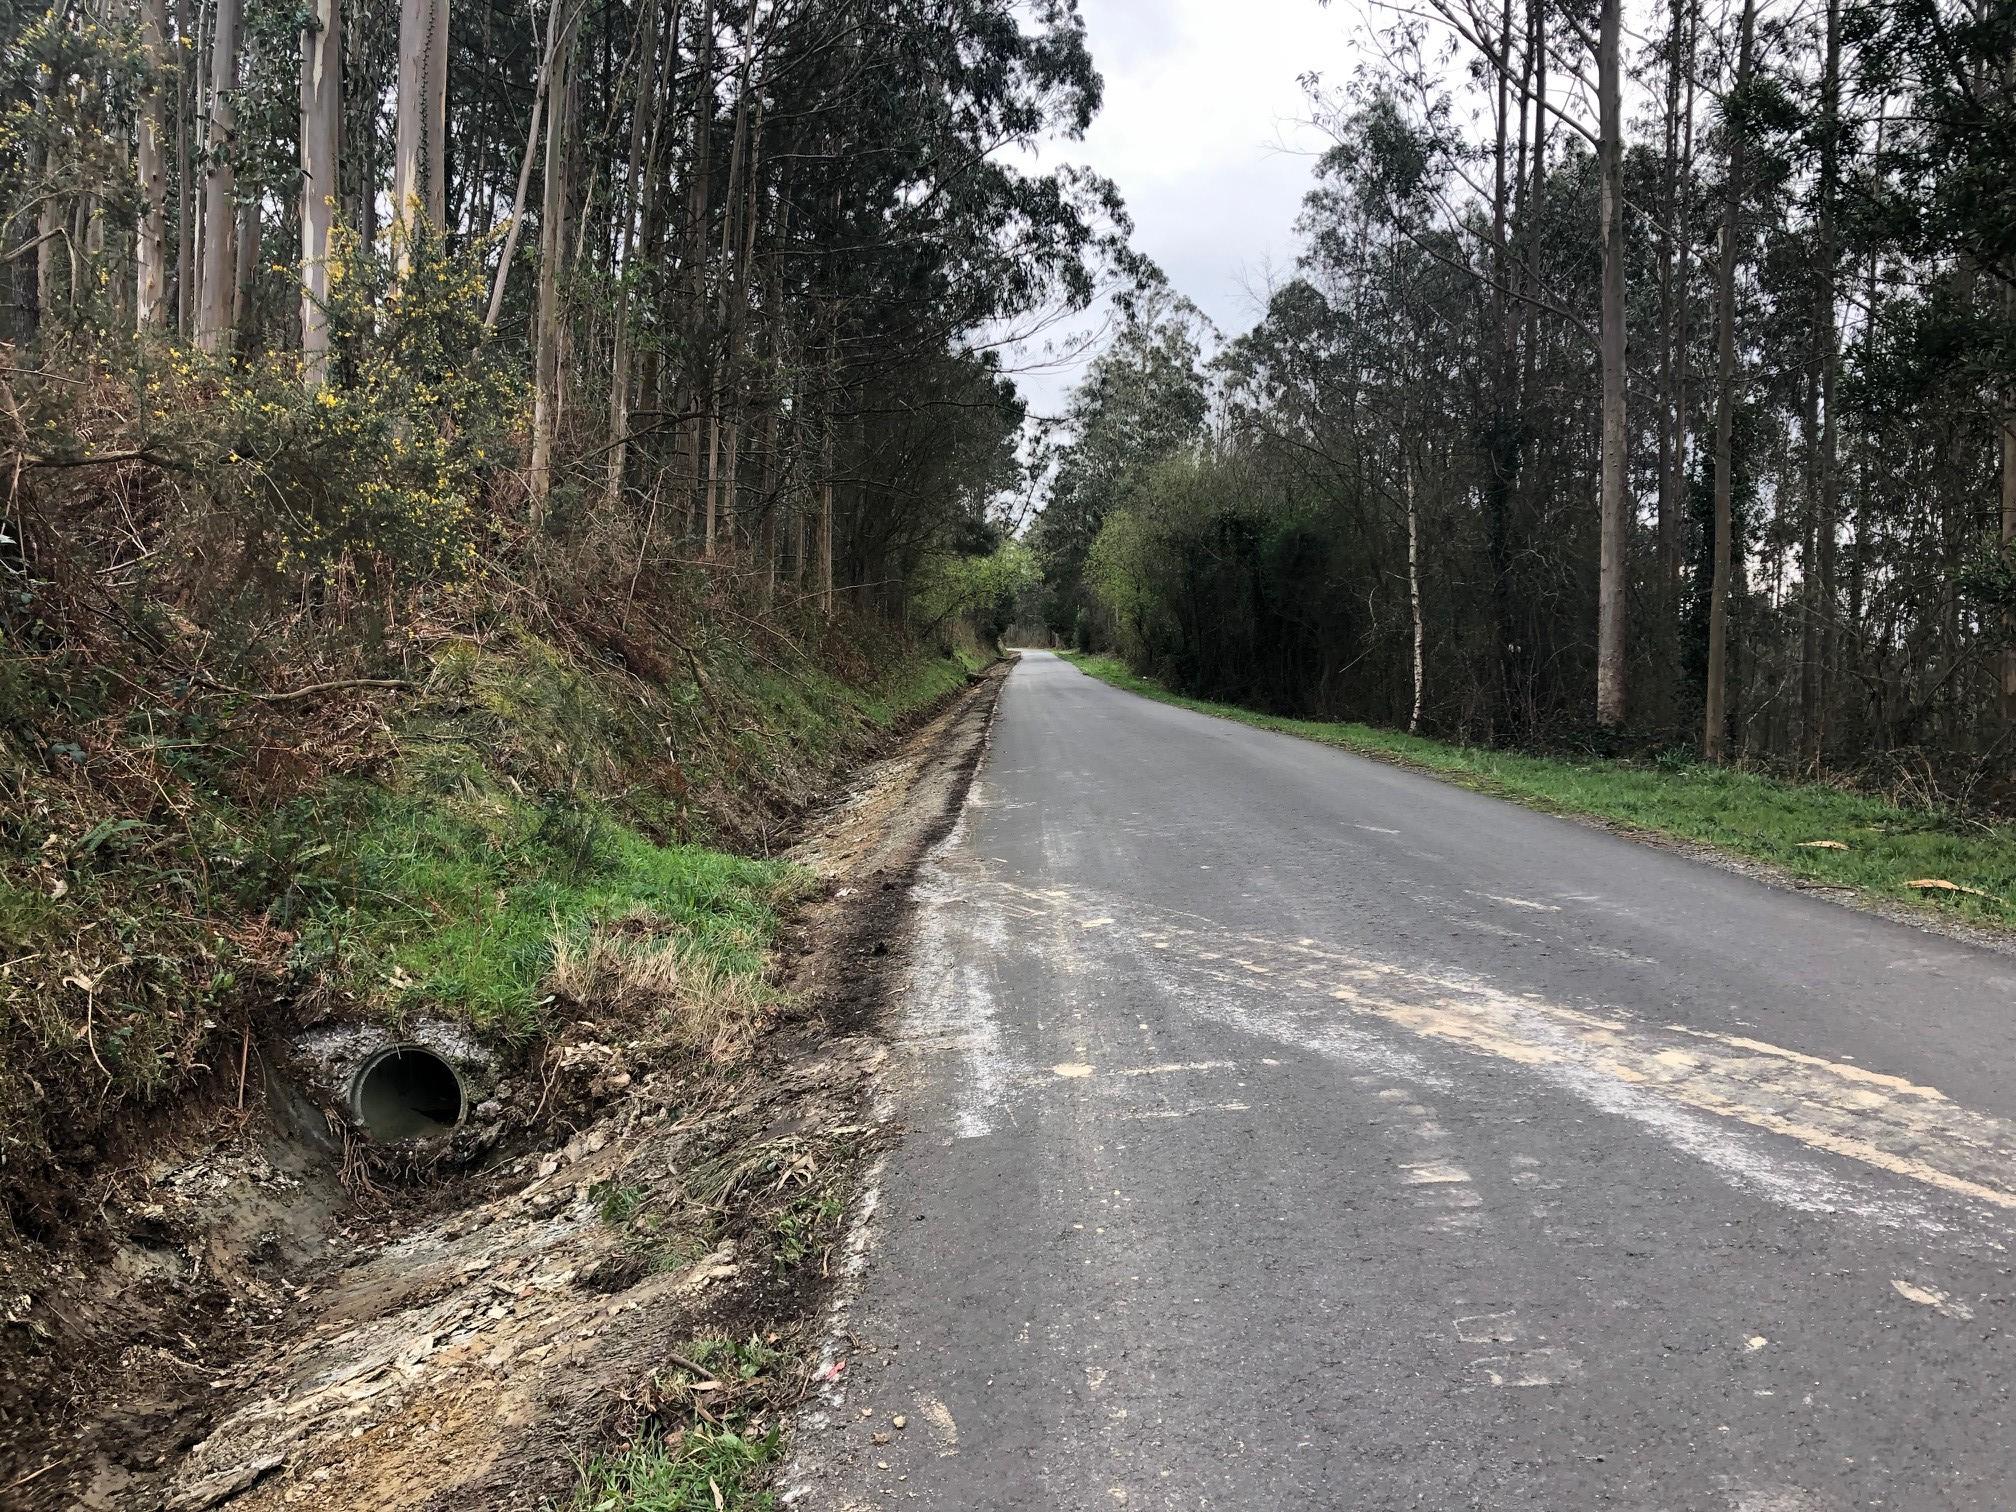 O Concello de Ribadeo realiza labores de limpeza de cunetas en sesenta km de parroquias costeiras